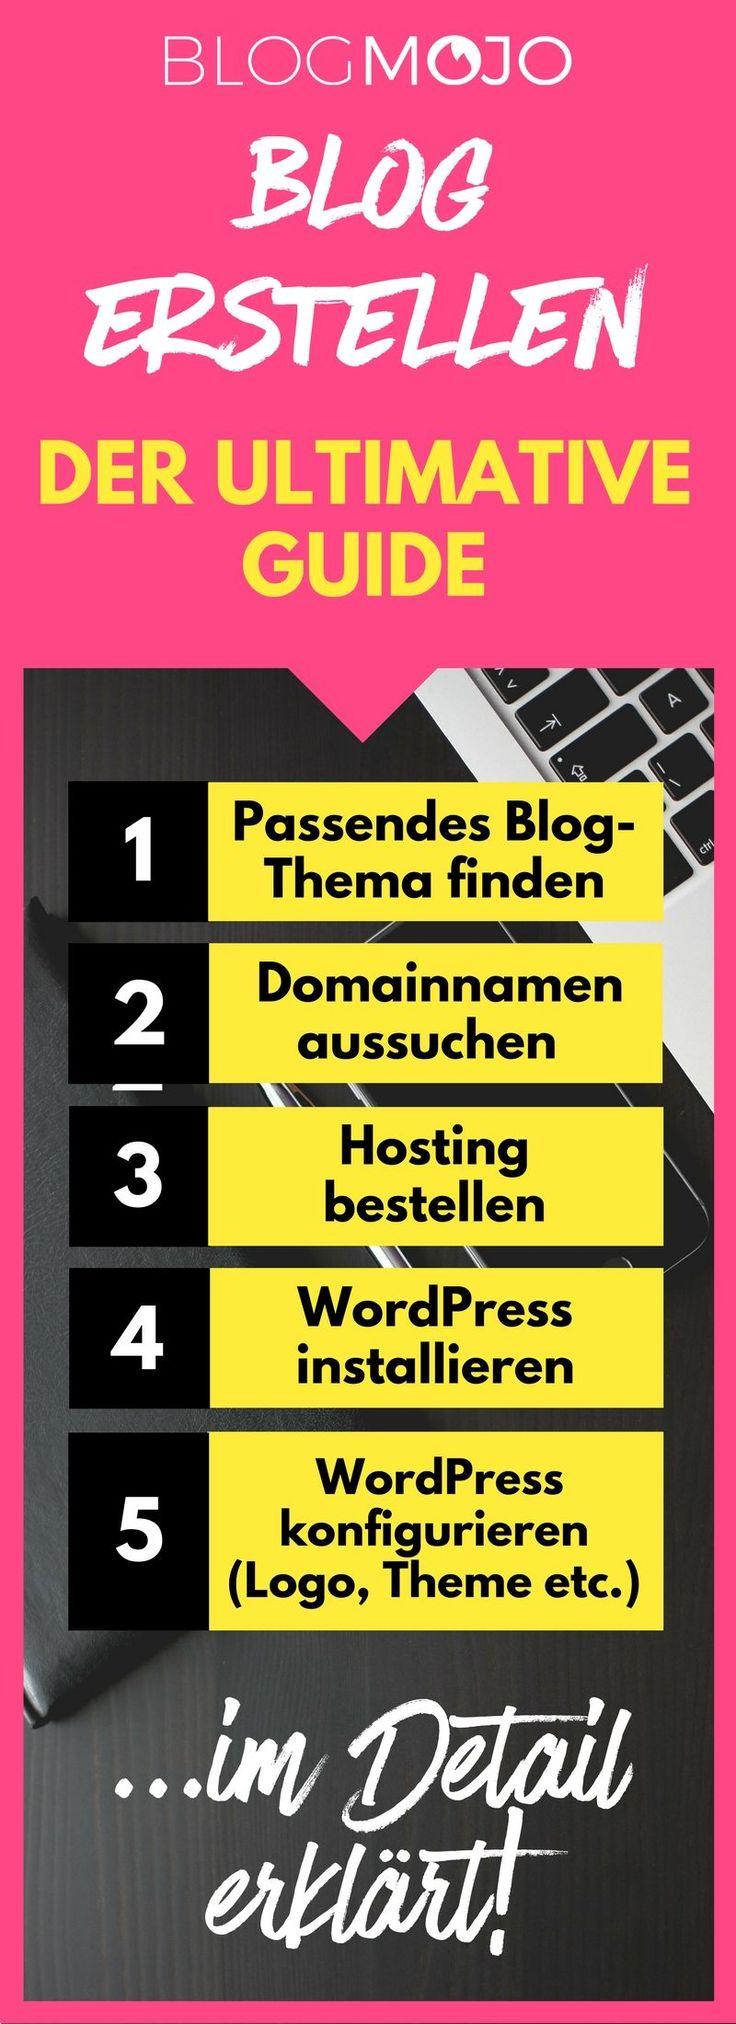 In meinem umfassenden Guide erkläre ich dir Schritt für Schritt und für Anfänger verständlich, wie du einen eigenenBlog erstellen kannst und was du dabei alles beachten musst.